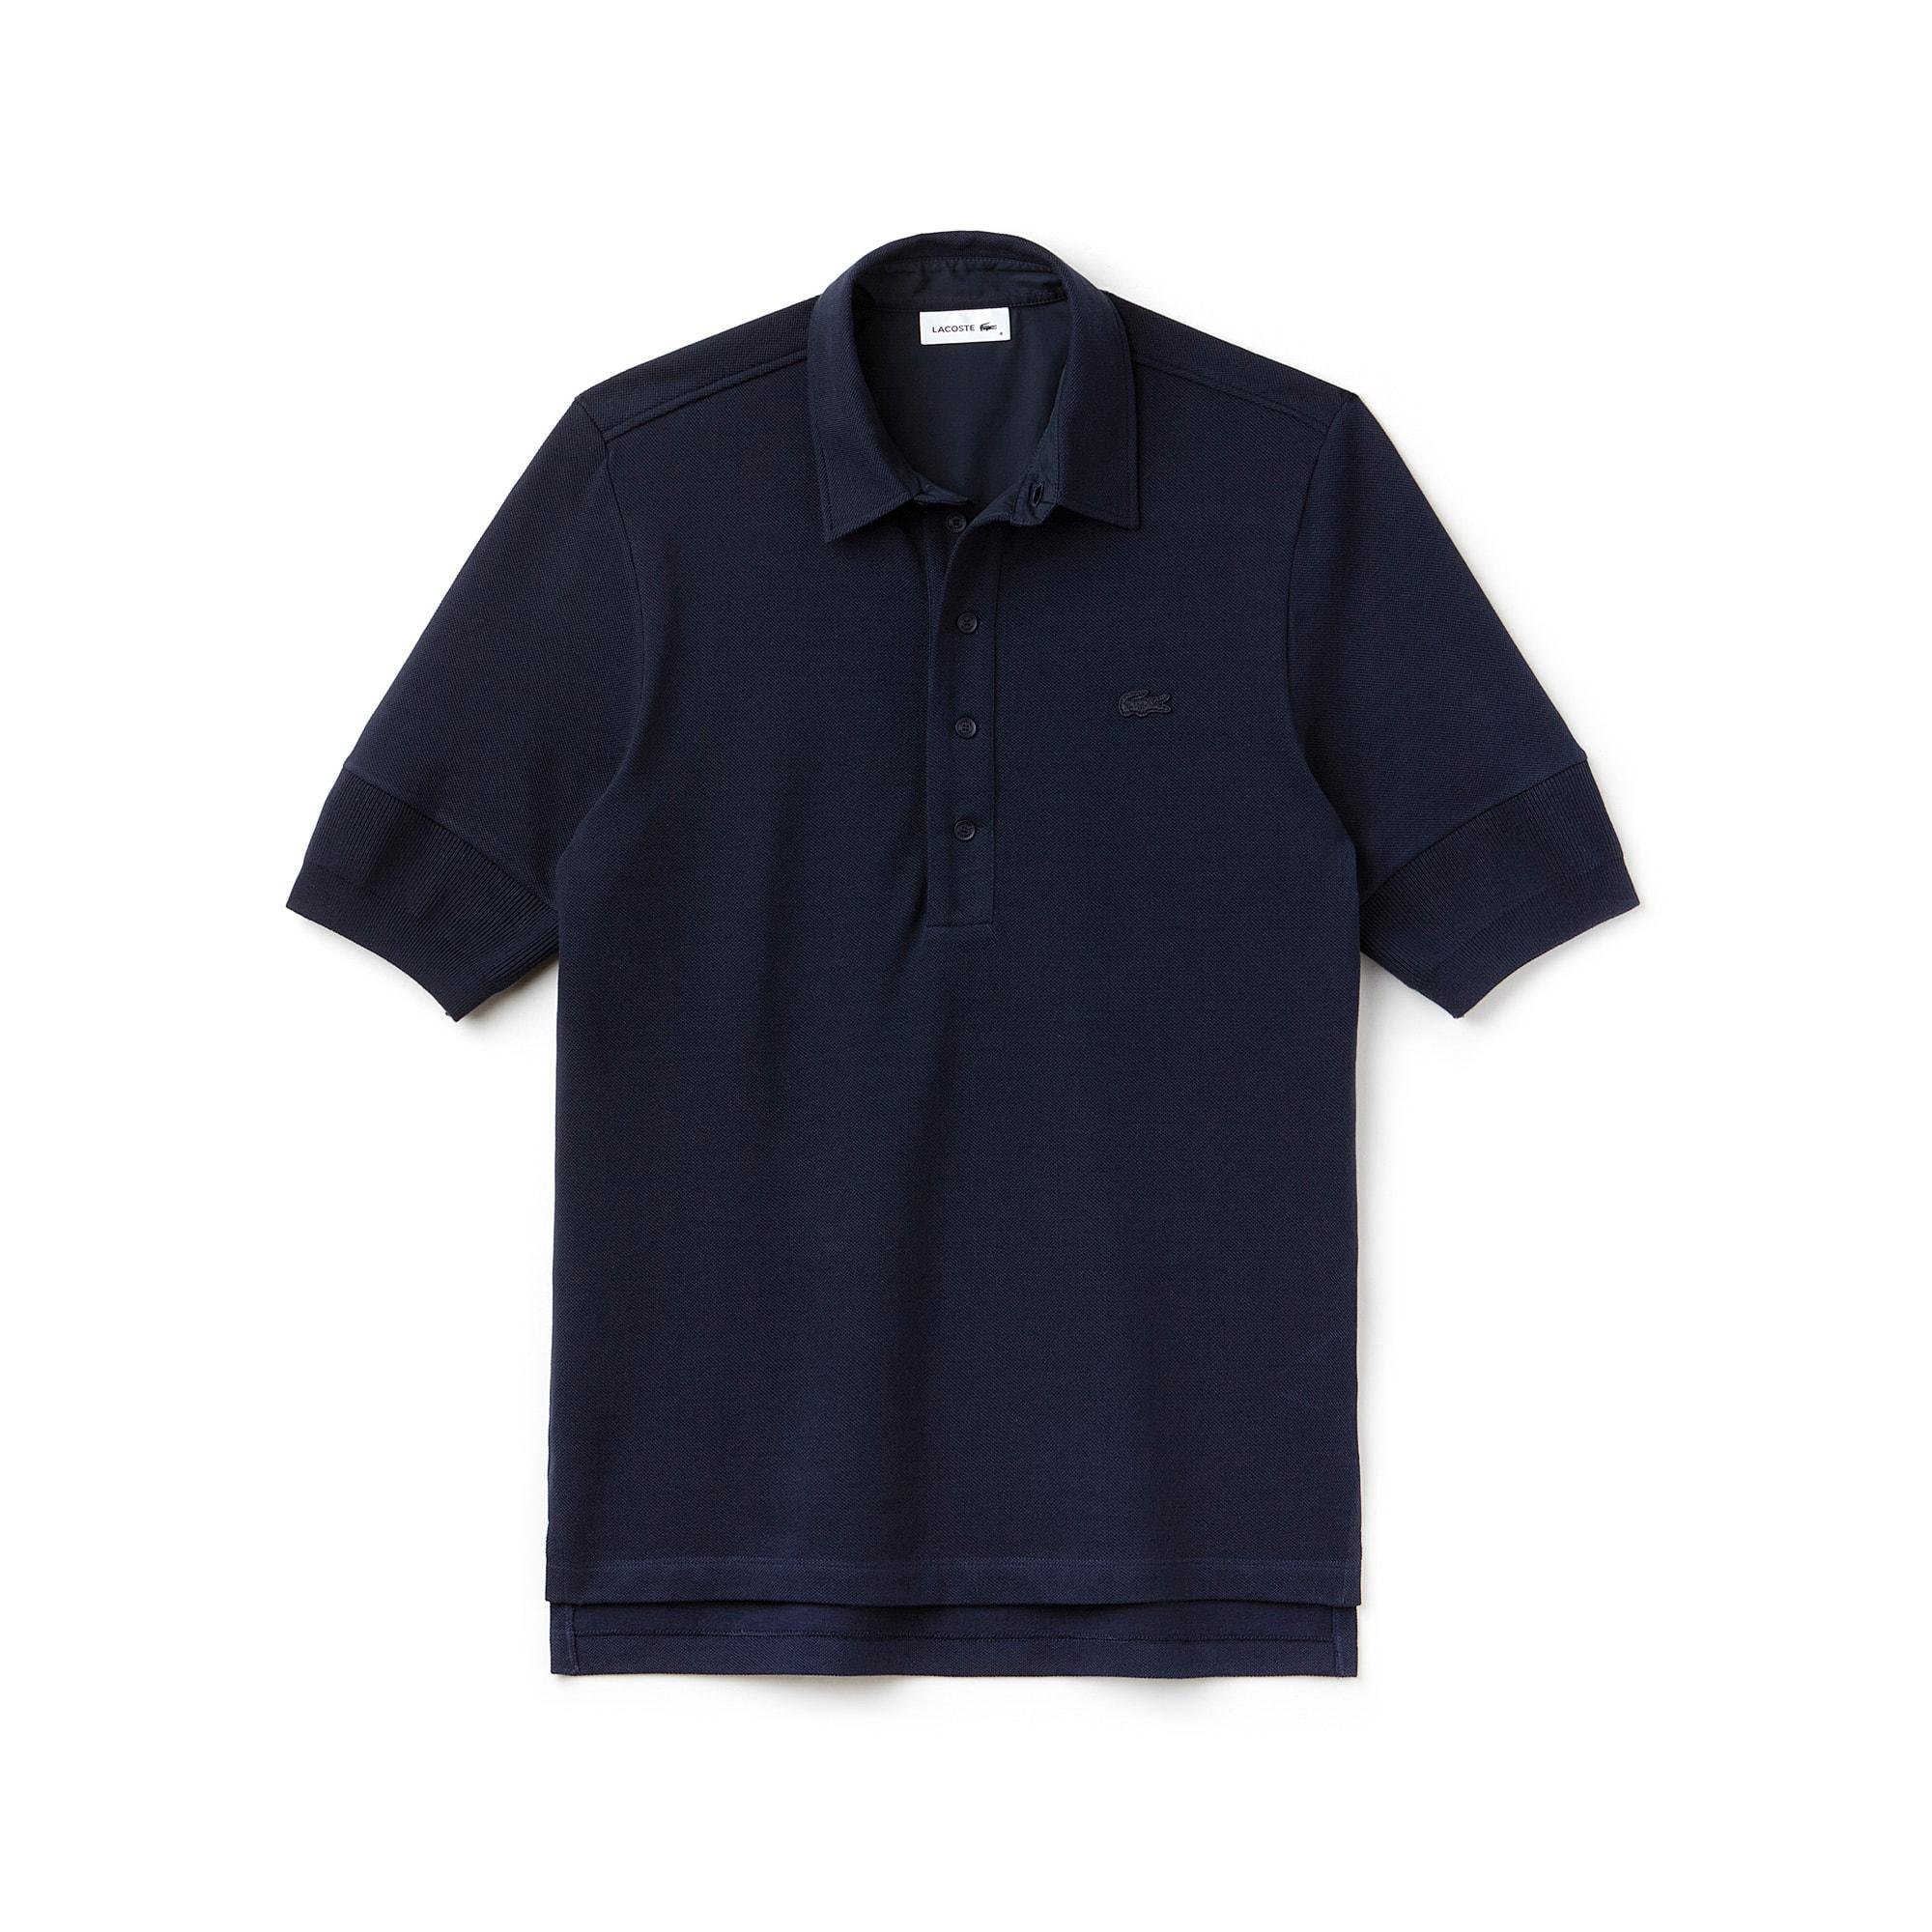 Men's Lacoste Fashion Show Brushed Cotton Piqué Polo